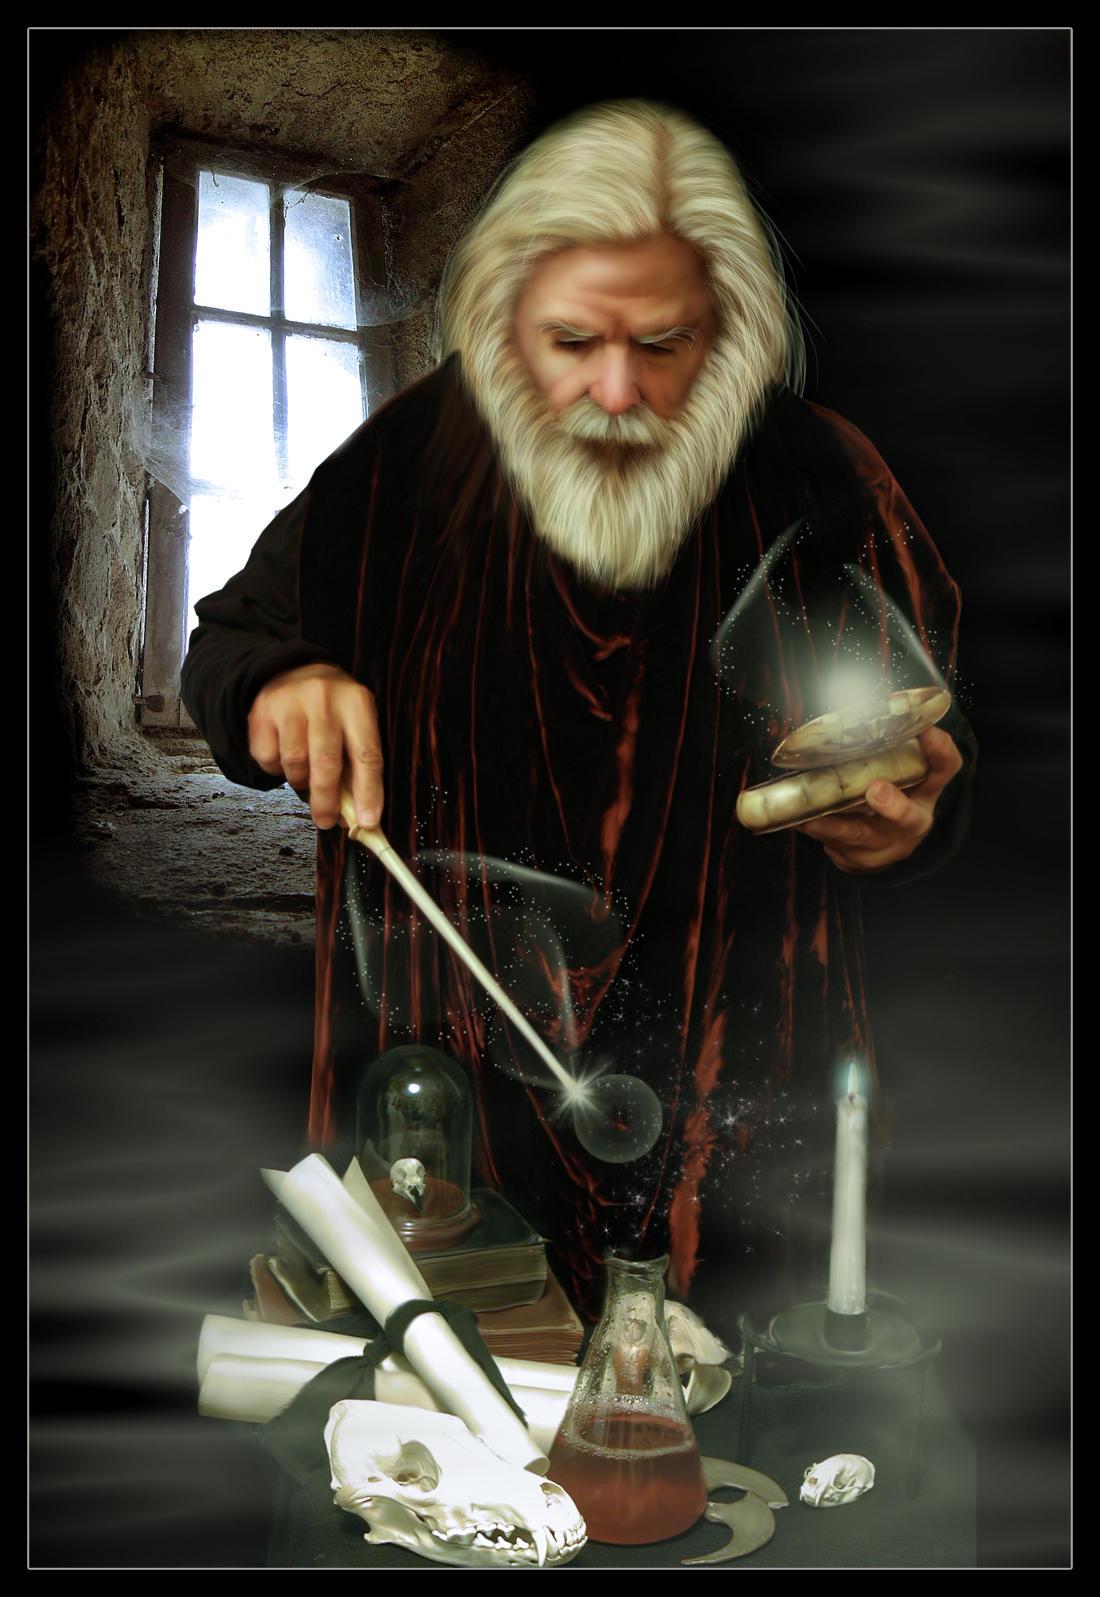 Wizard by mmebuterfly